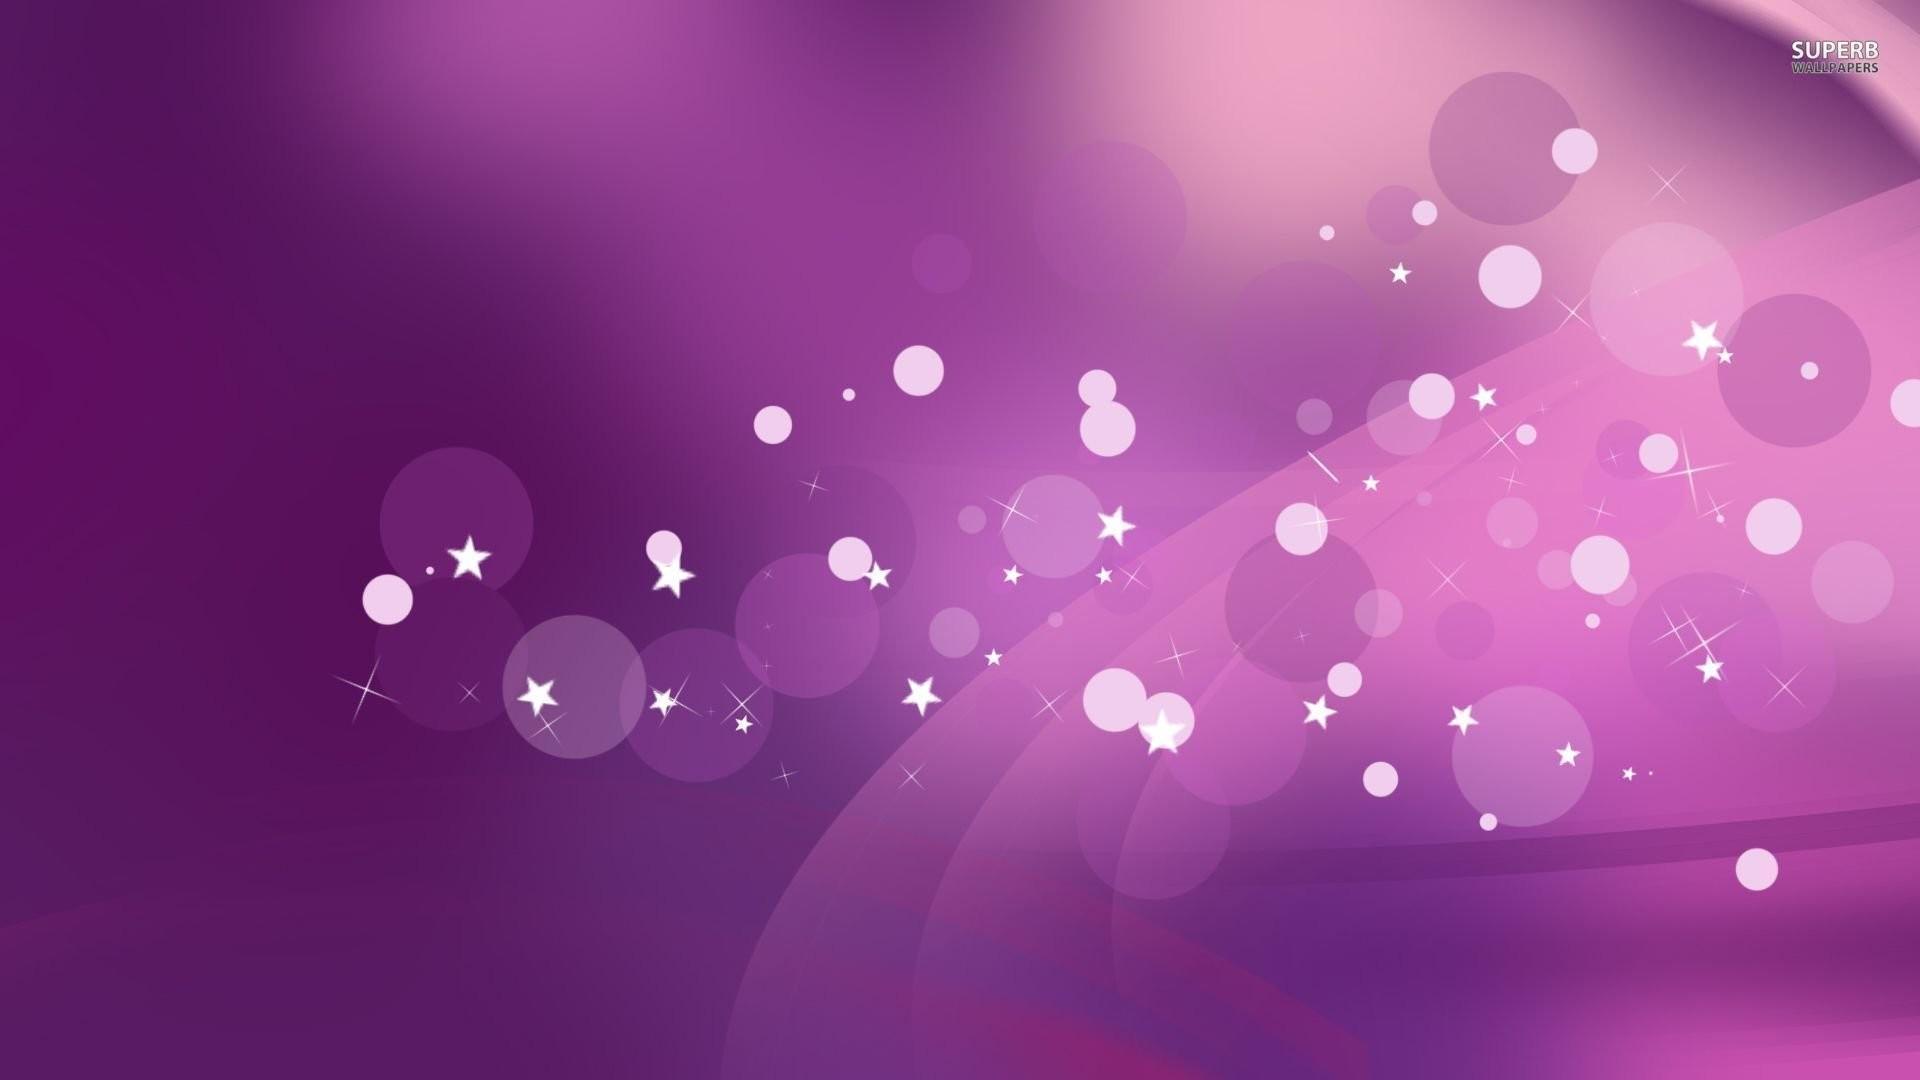 Purple Stars Wallpaper